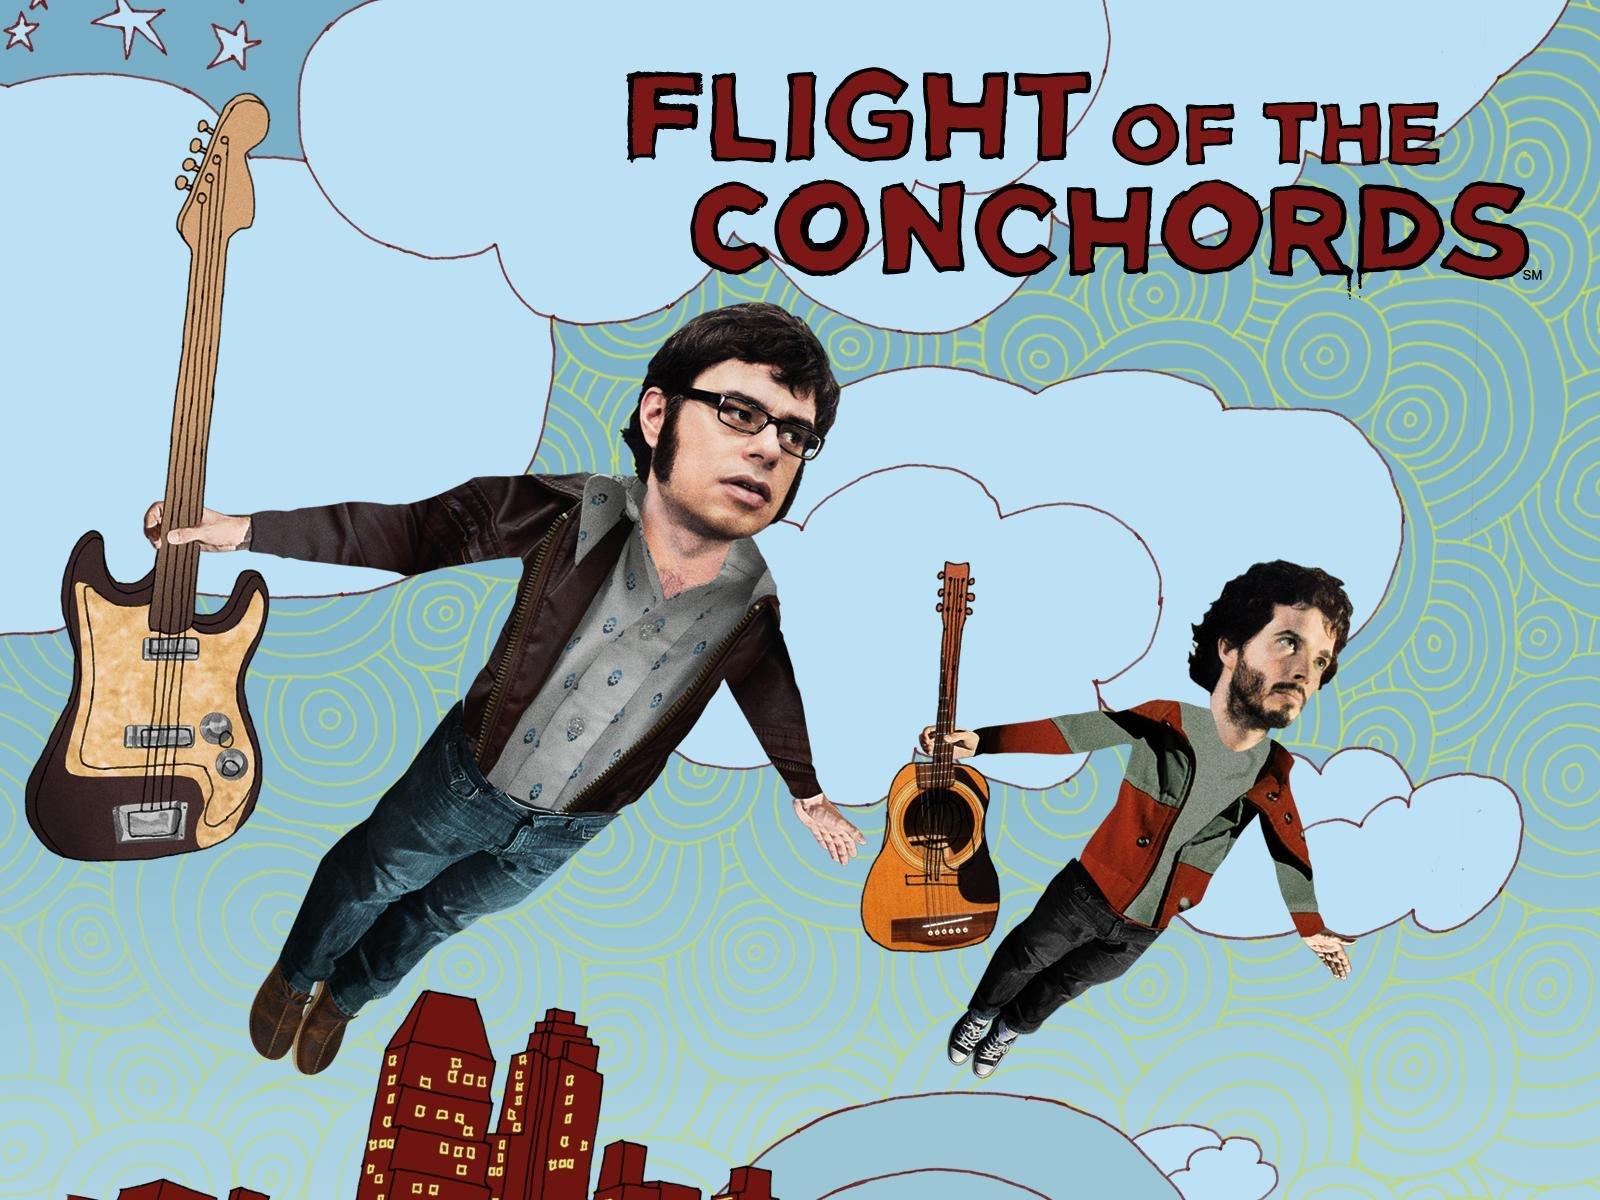 zažiť alebo zaznamenať flight of the conchords